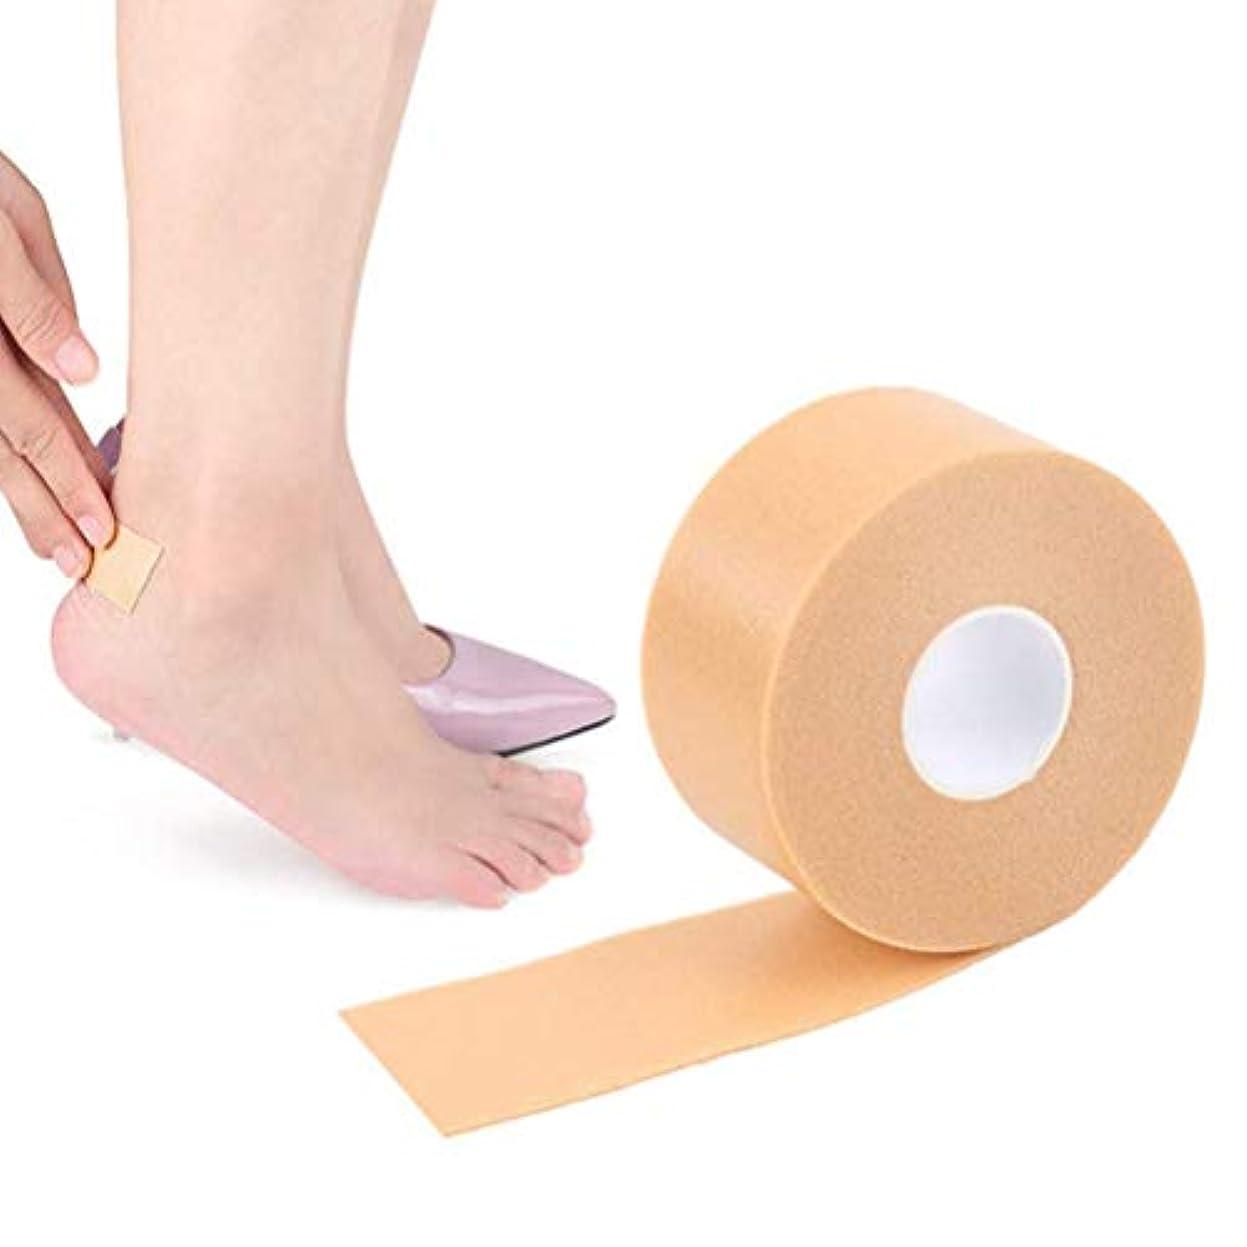 少ない達成するインシデント有用なシリコーンジェルヒールクッションプロテクターフット足のケア靴インサートパッドインソール